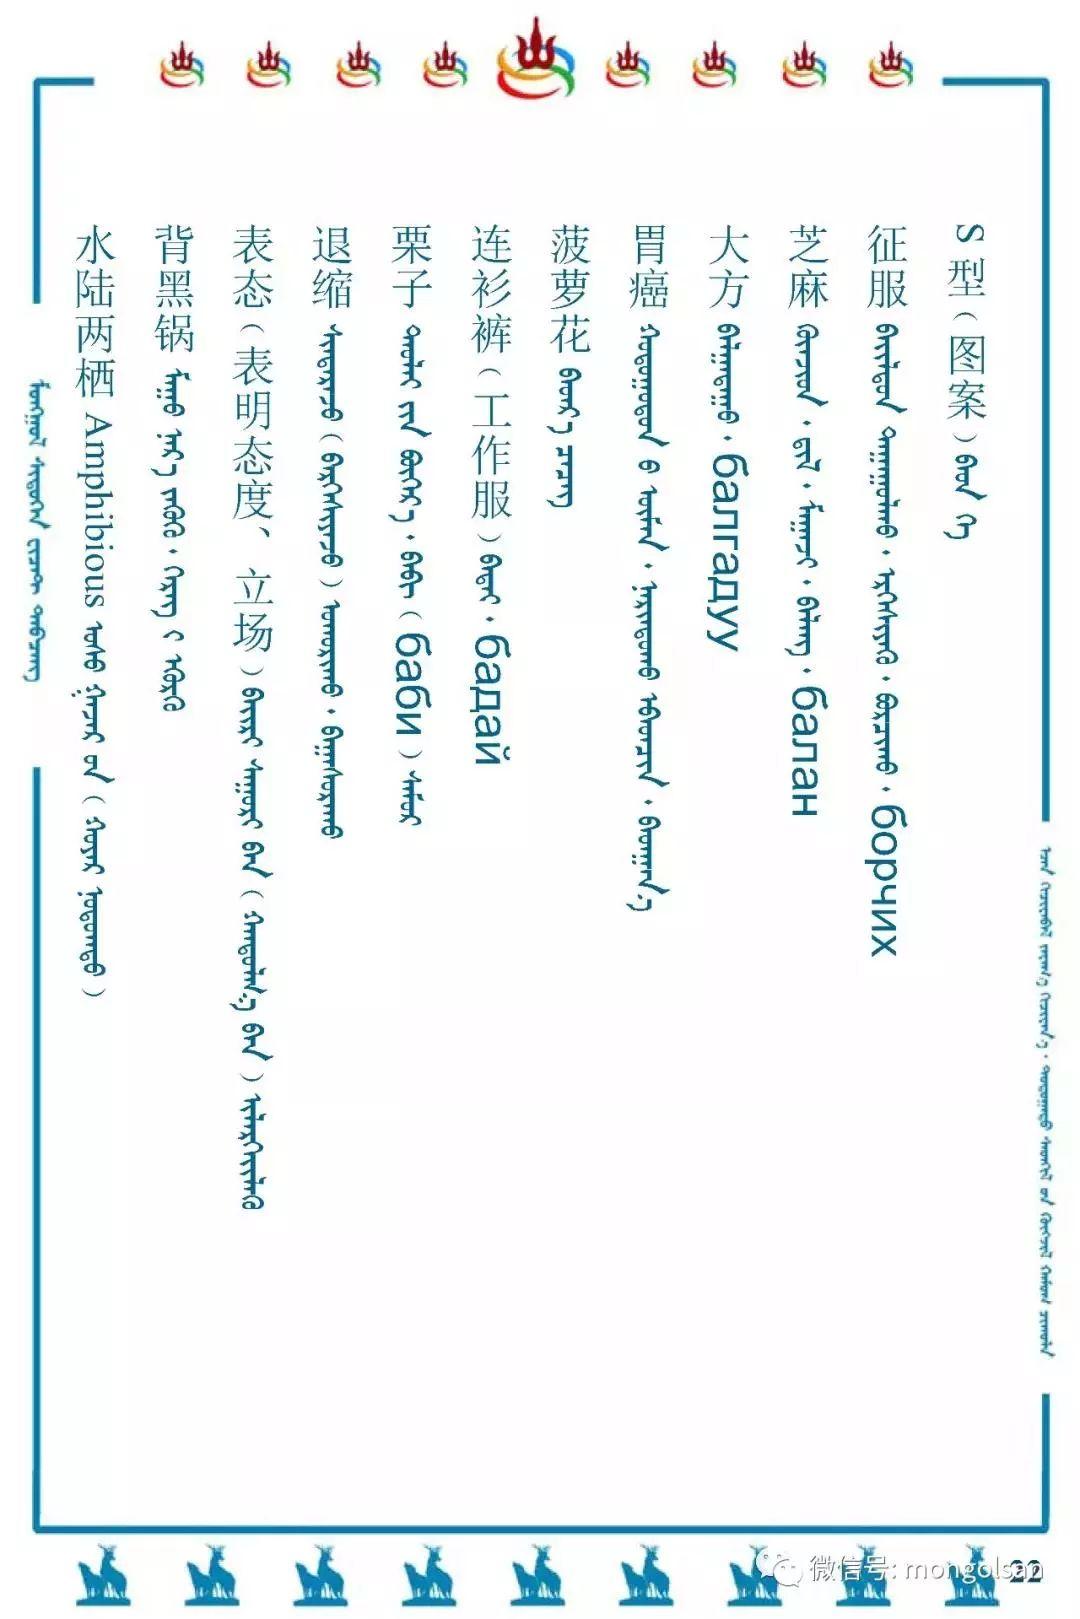 最新名词蒙古语翻译参考 第22张